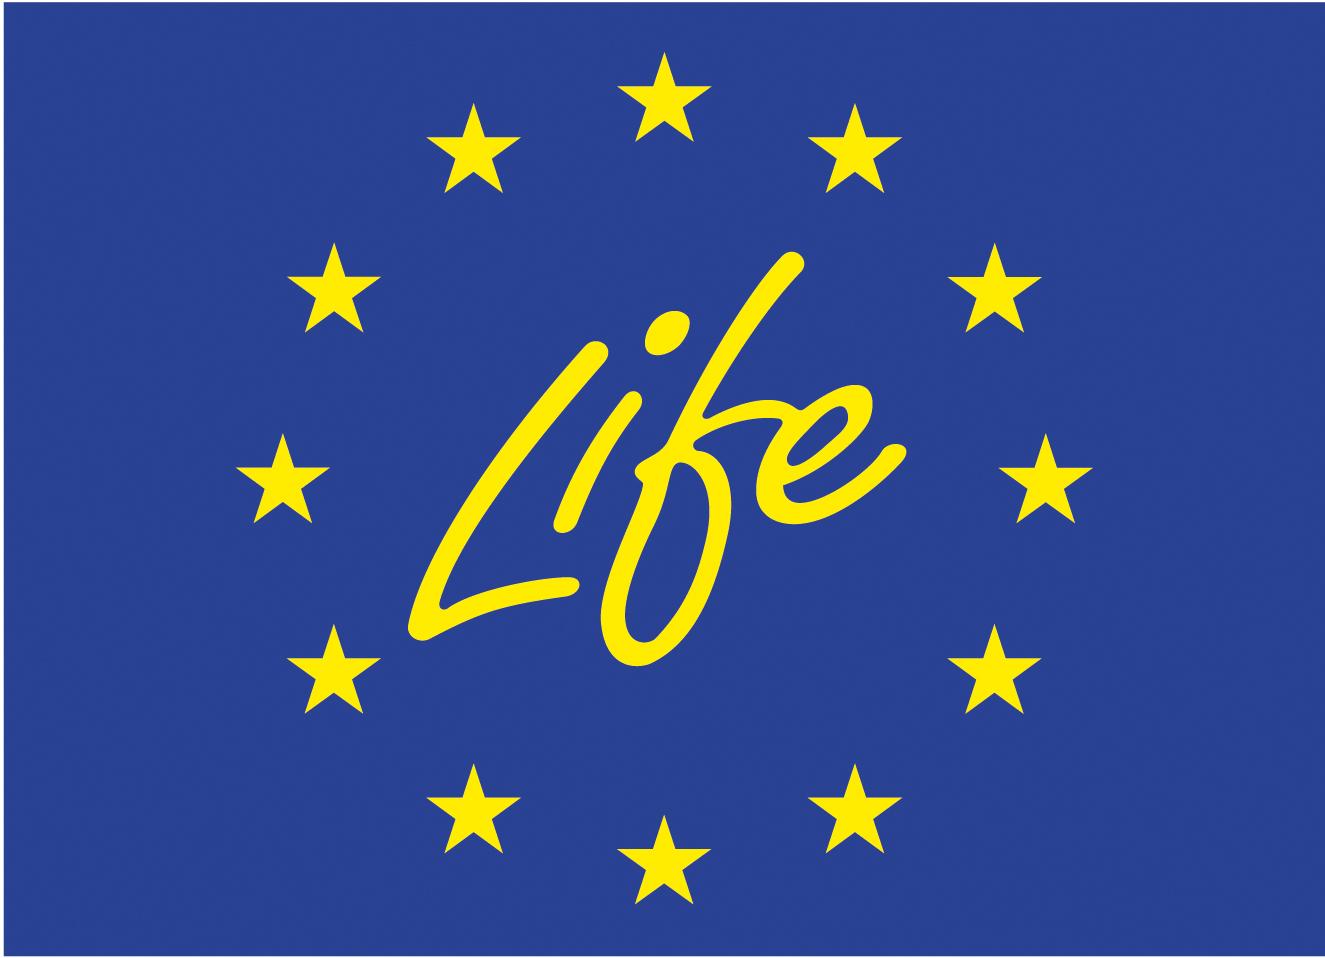 EU LIFE